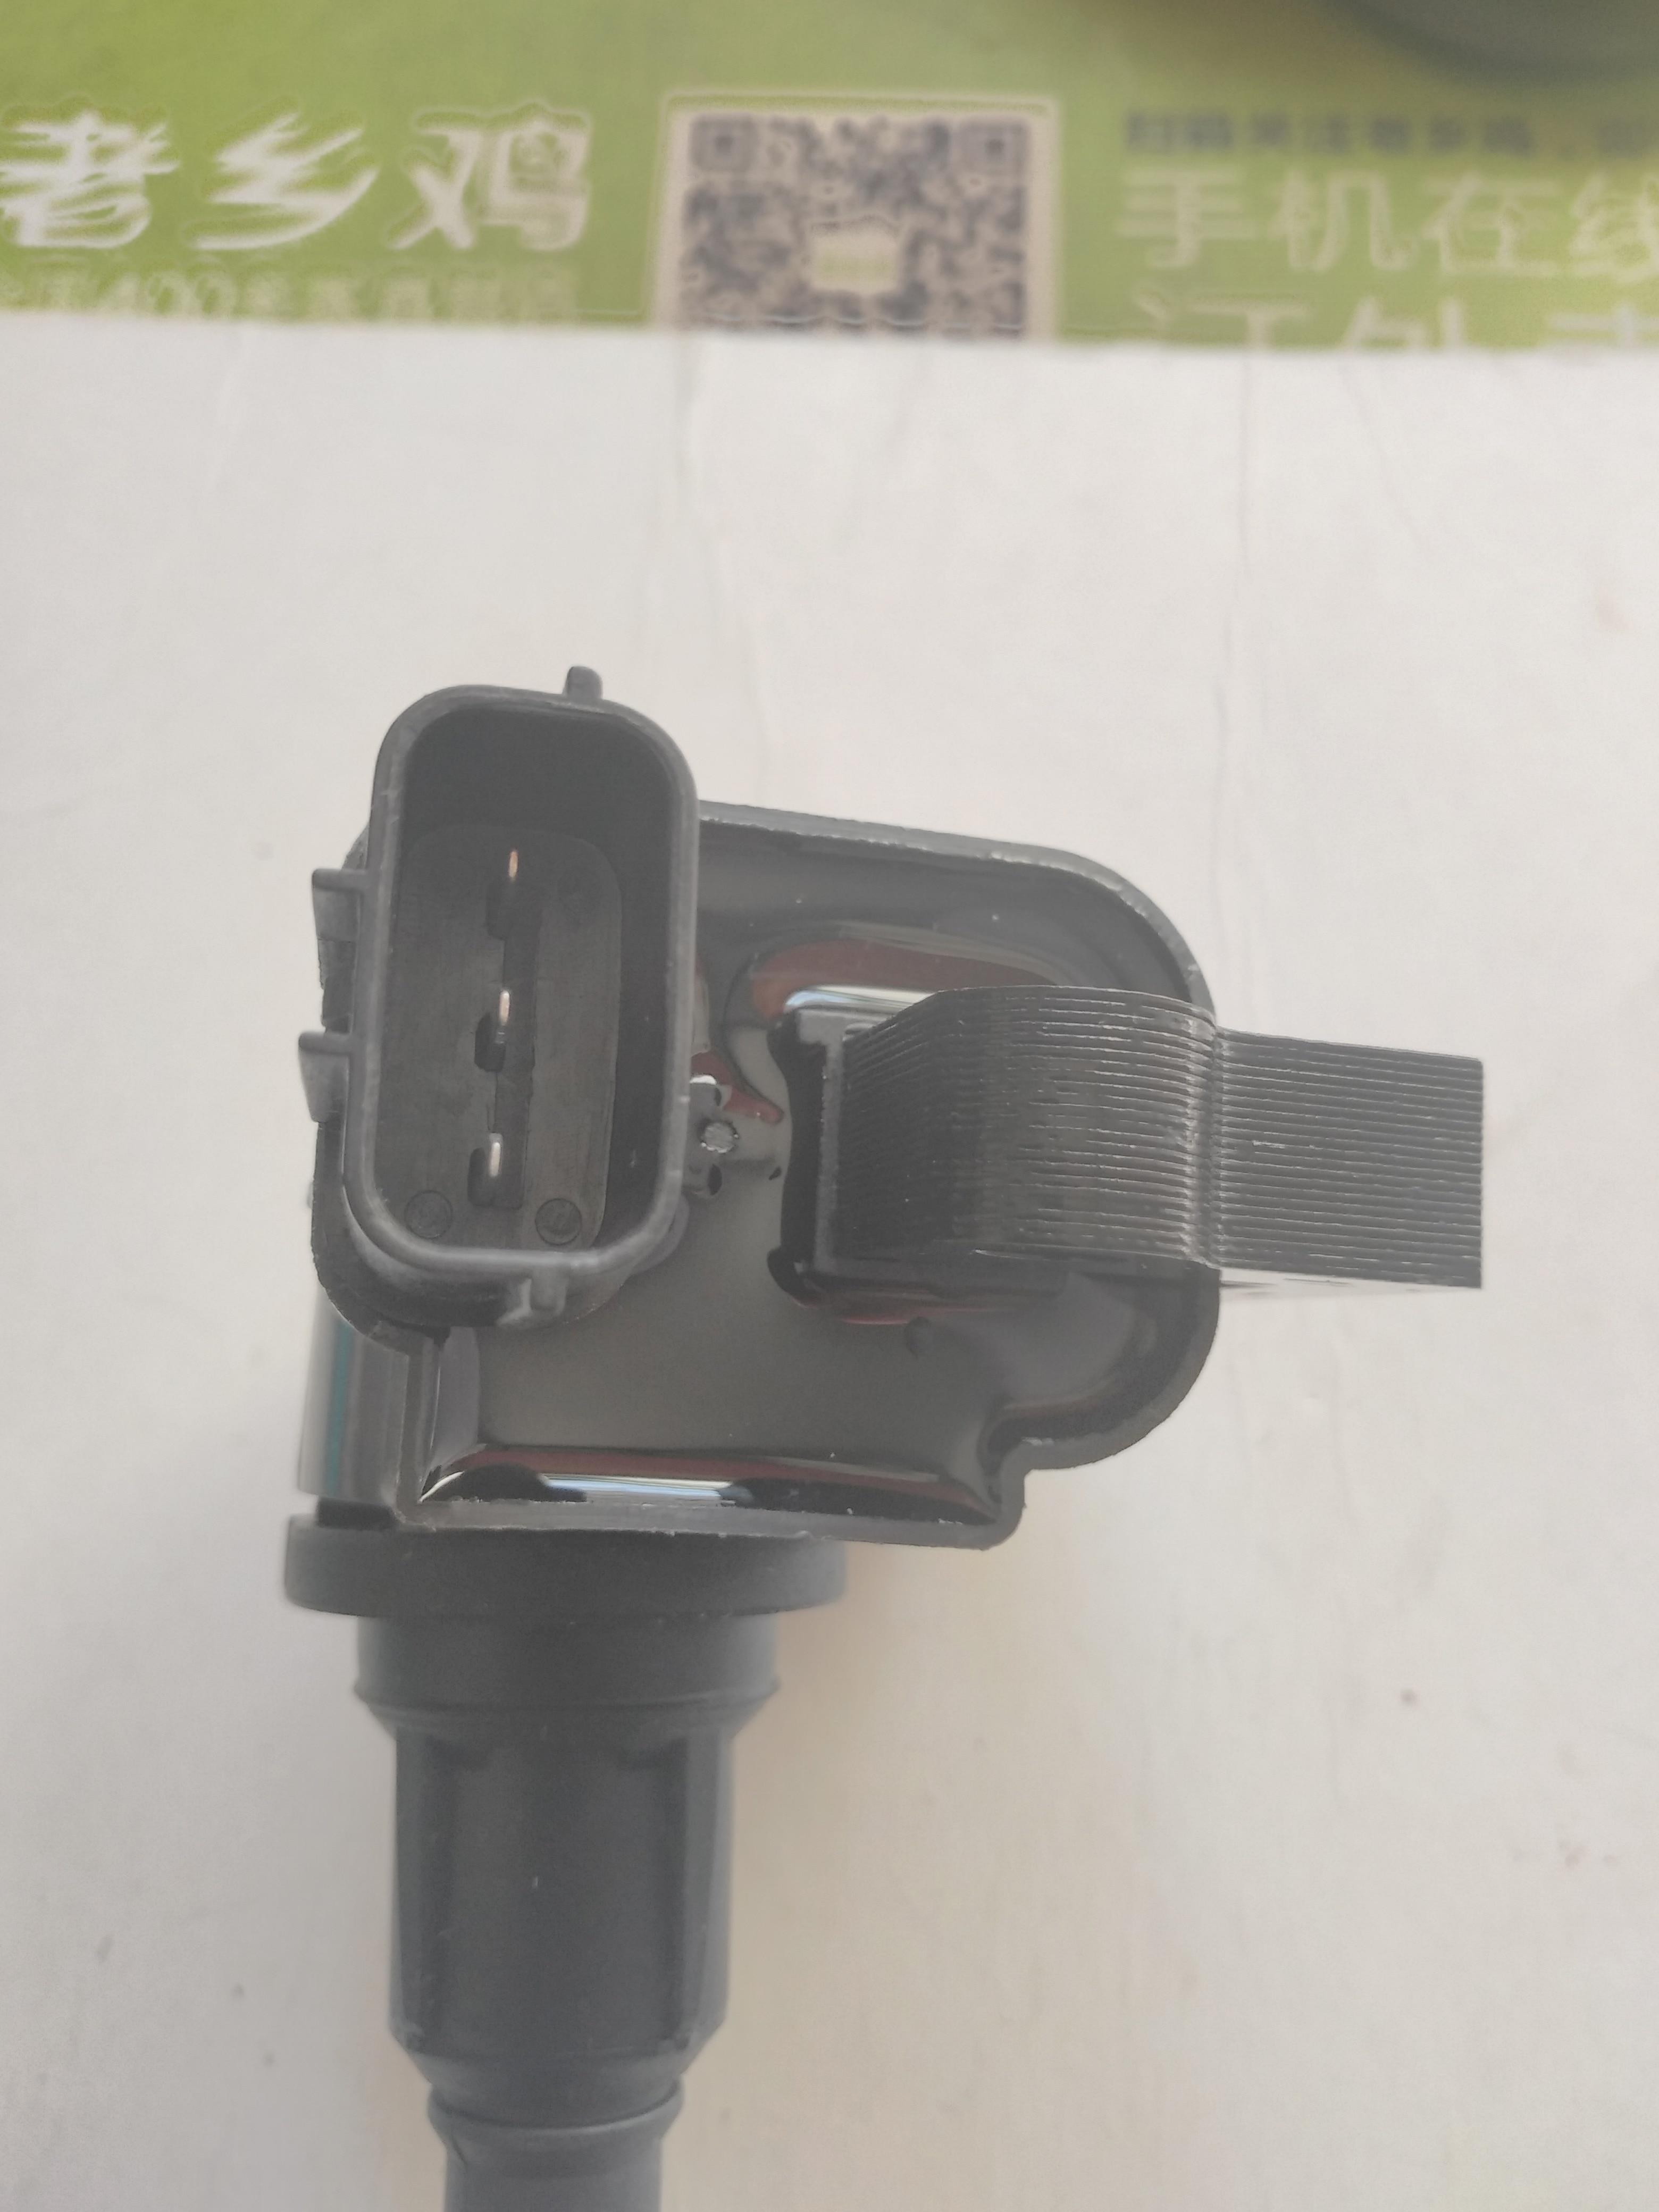 12 месяцев Гарантия качества Катушка зажигания для Mitsubishi Pajero Pinin OE No. MD362913/H6T12471A